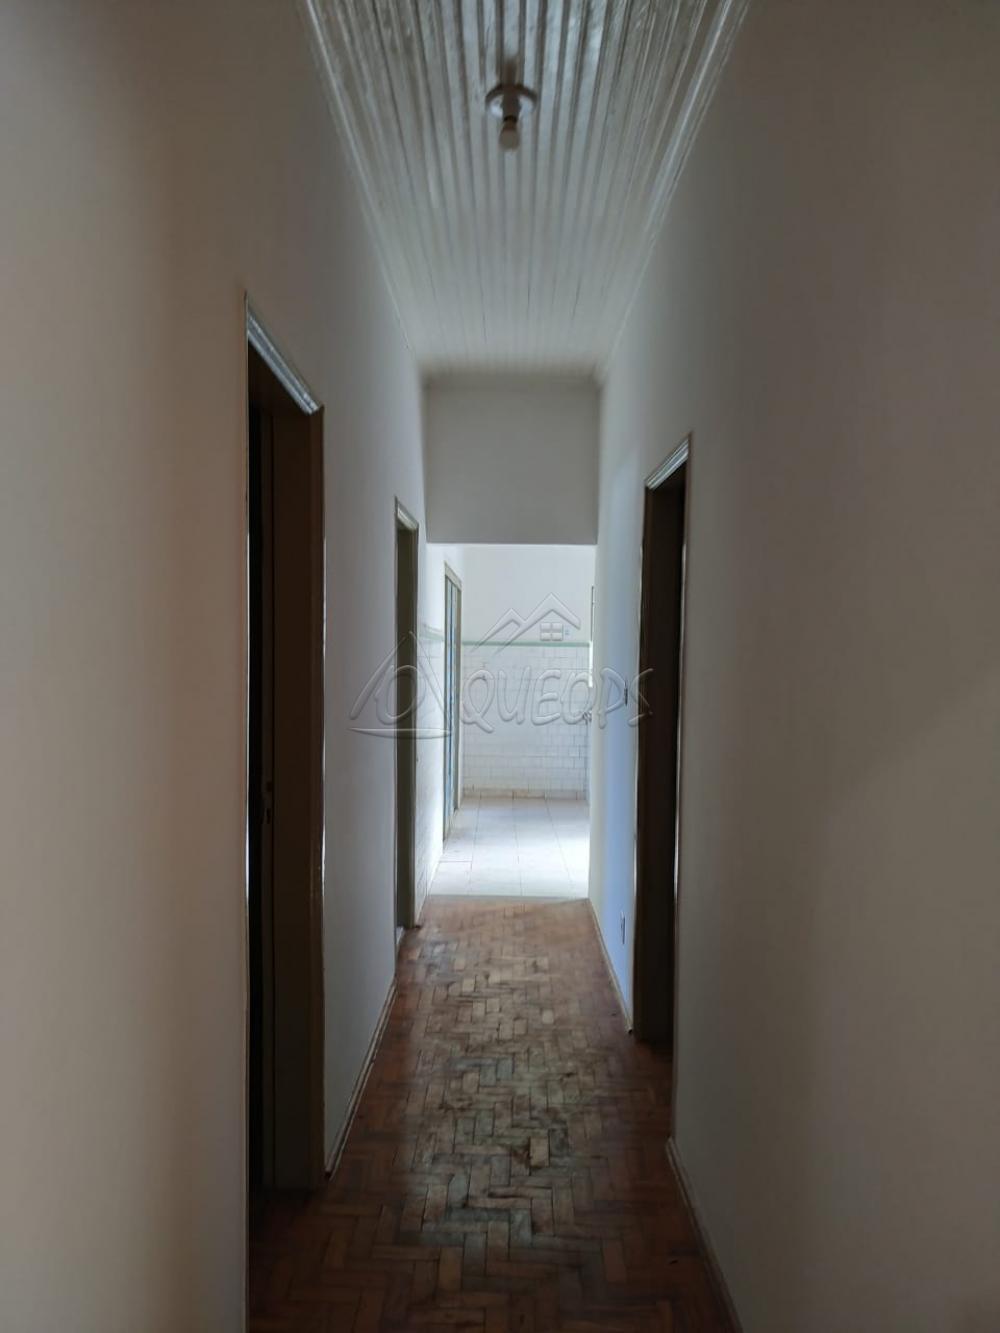 Comprar Casa / Padrão em Barretos apenas R$ 220.000,00 - Foto 5